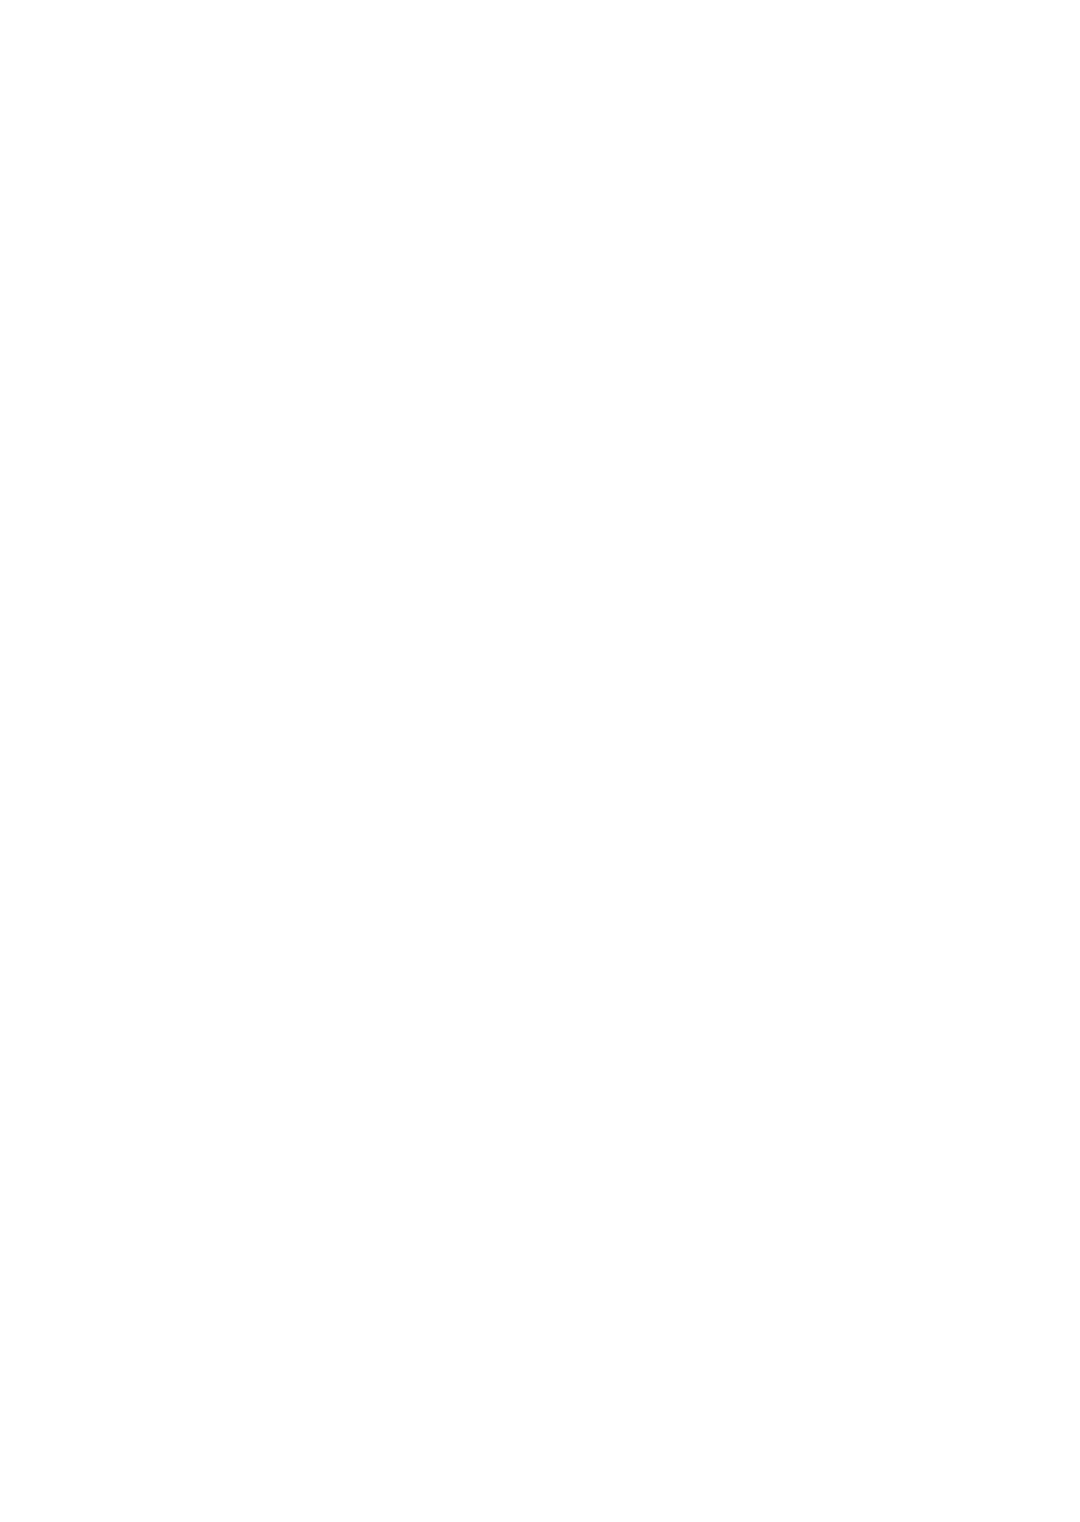 【エロ漫画】【エロ漫画】田舎の学校へ赴任して来た気弱男教師を集団逆レイプする美少女JKたち…全員でディープキスやフェラして責めまくり、一人ずつ順番に生ハメ中出しイチャラブ初セックスして全員イキまくる【赤月みゅうと:七夏の楽園〜田舎の学校で美少女ハーレム❤〜1】